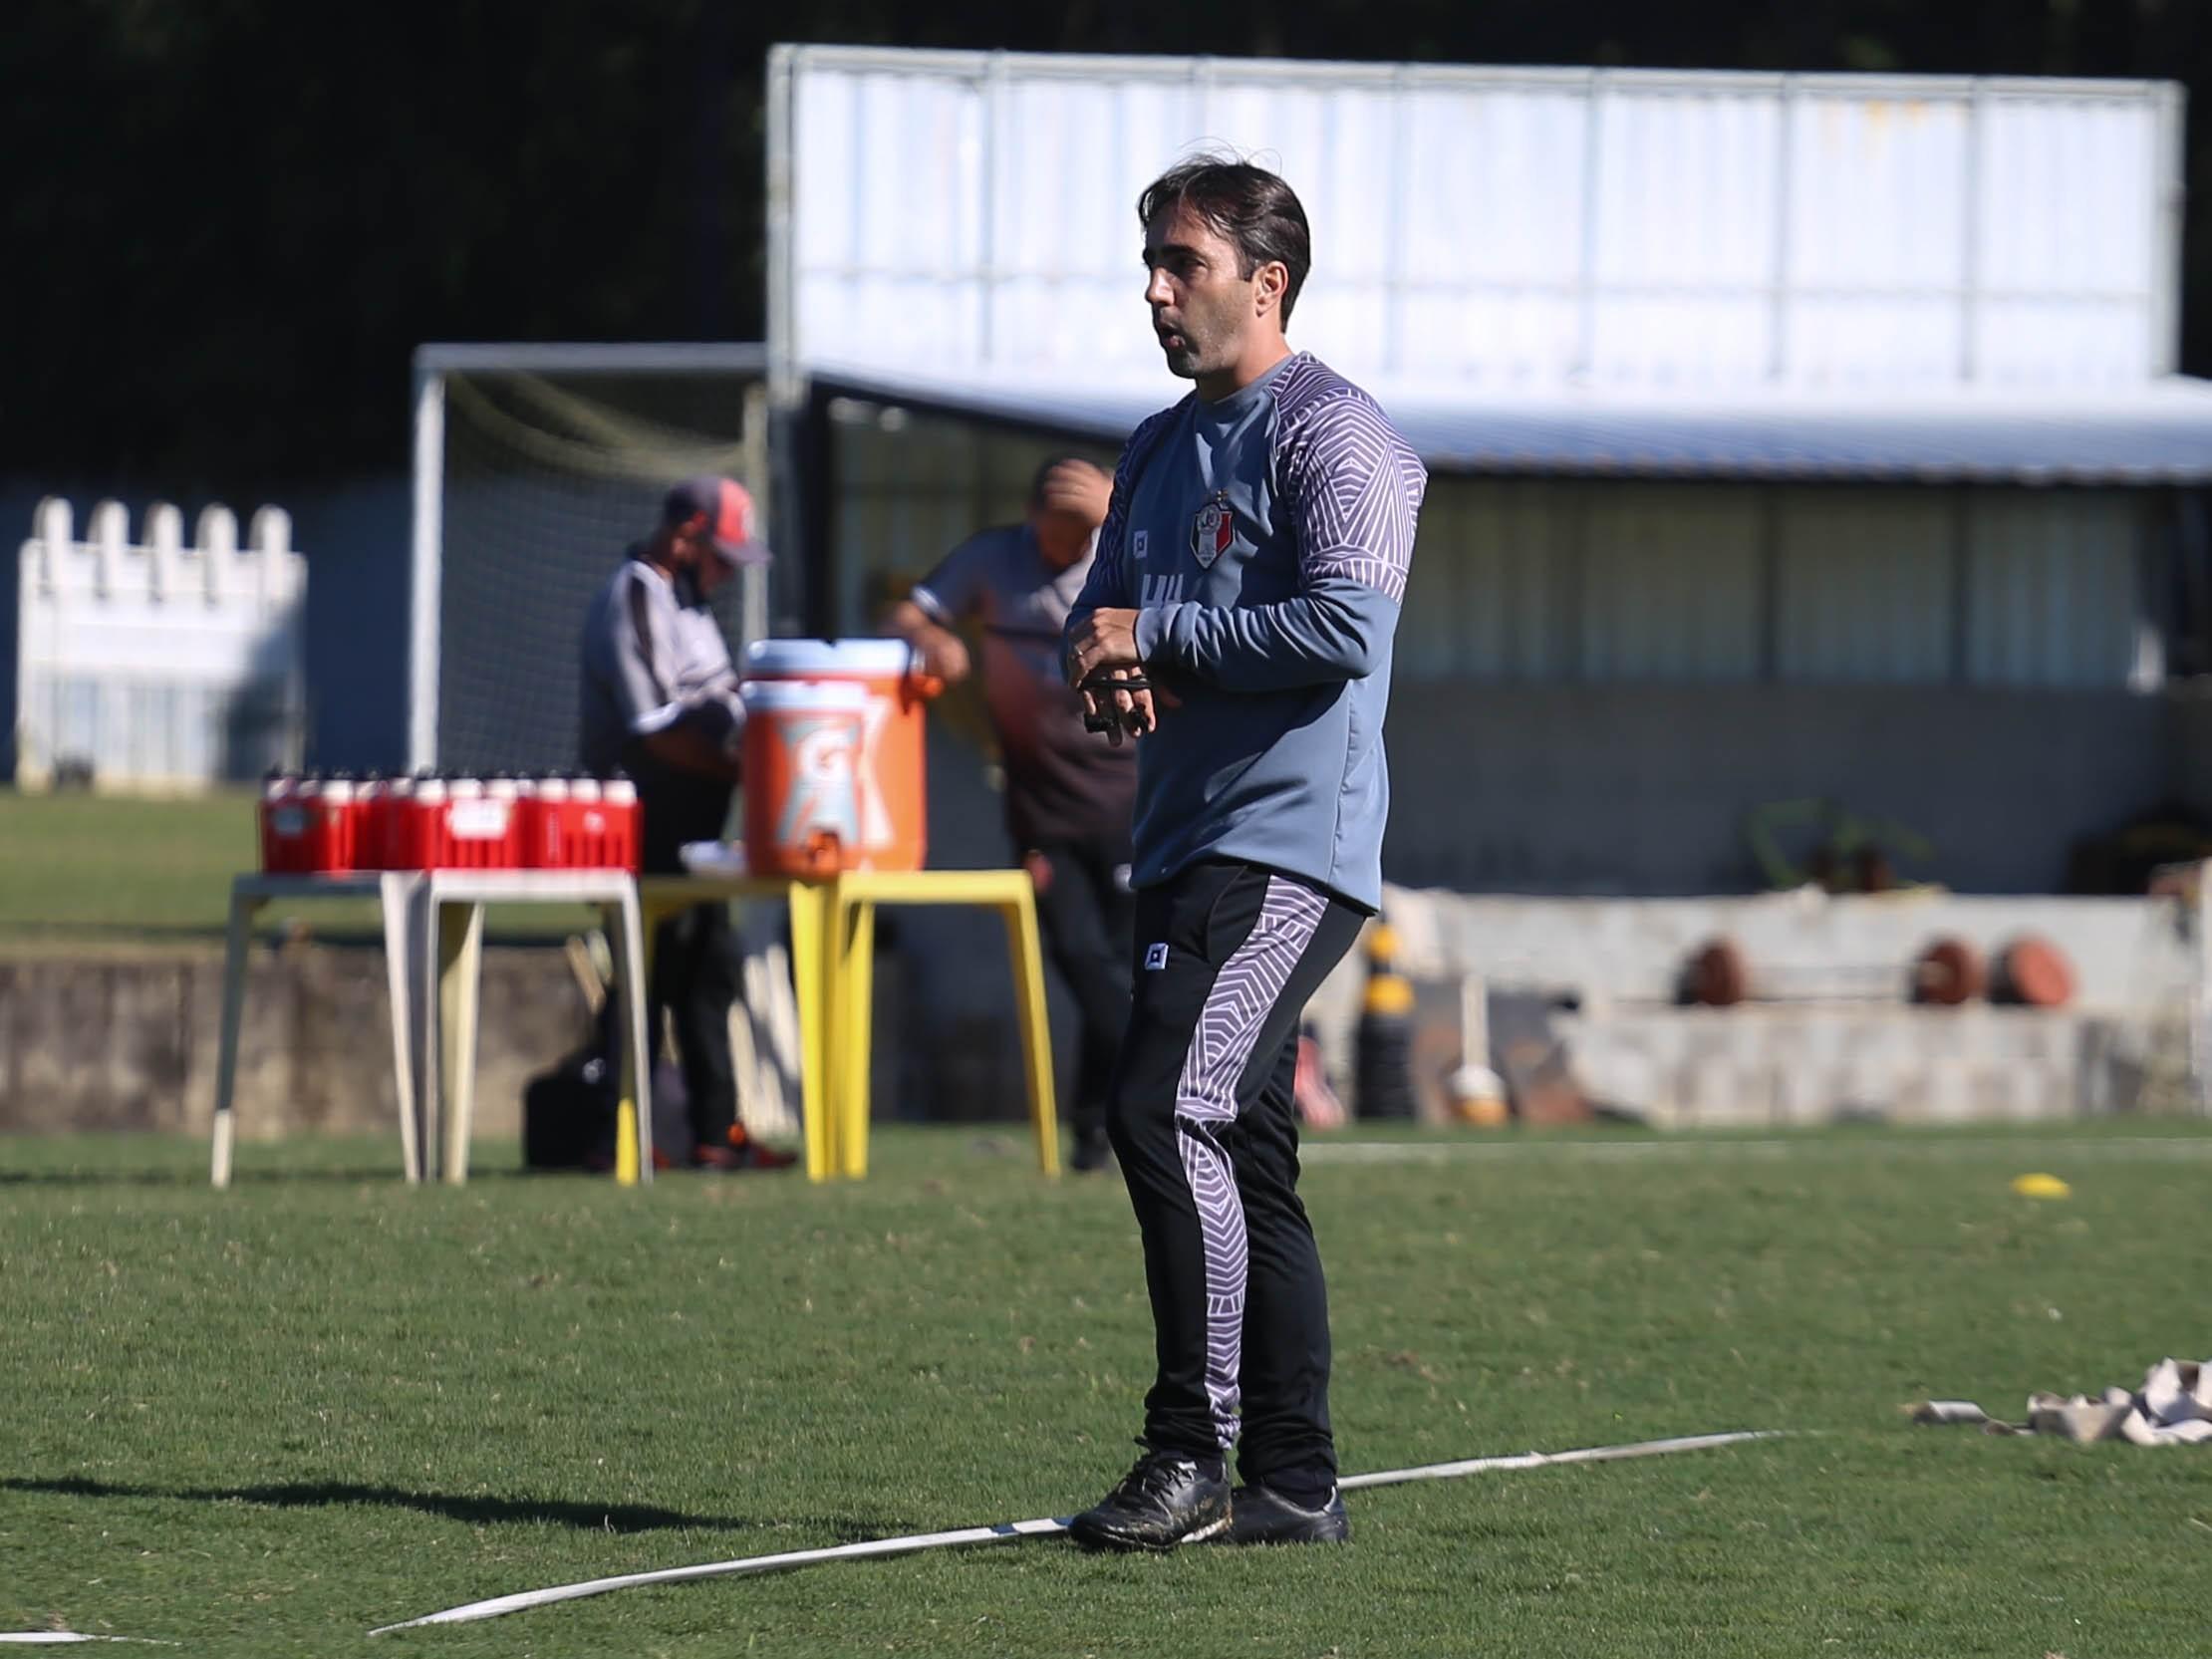 Após despedida do Joinville, Leandro Zago ganha força para treinar Botafogo-SP em 2022